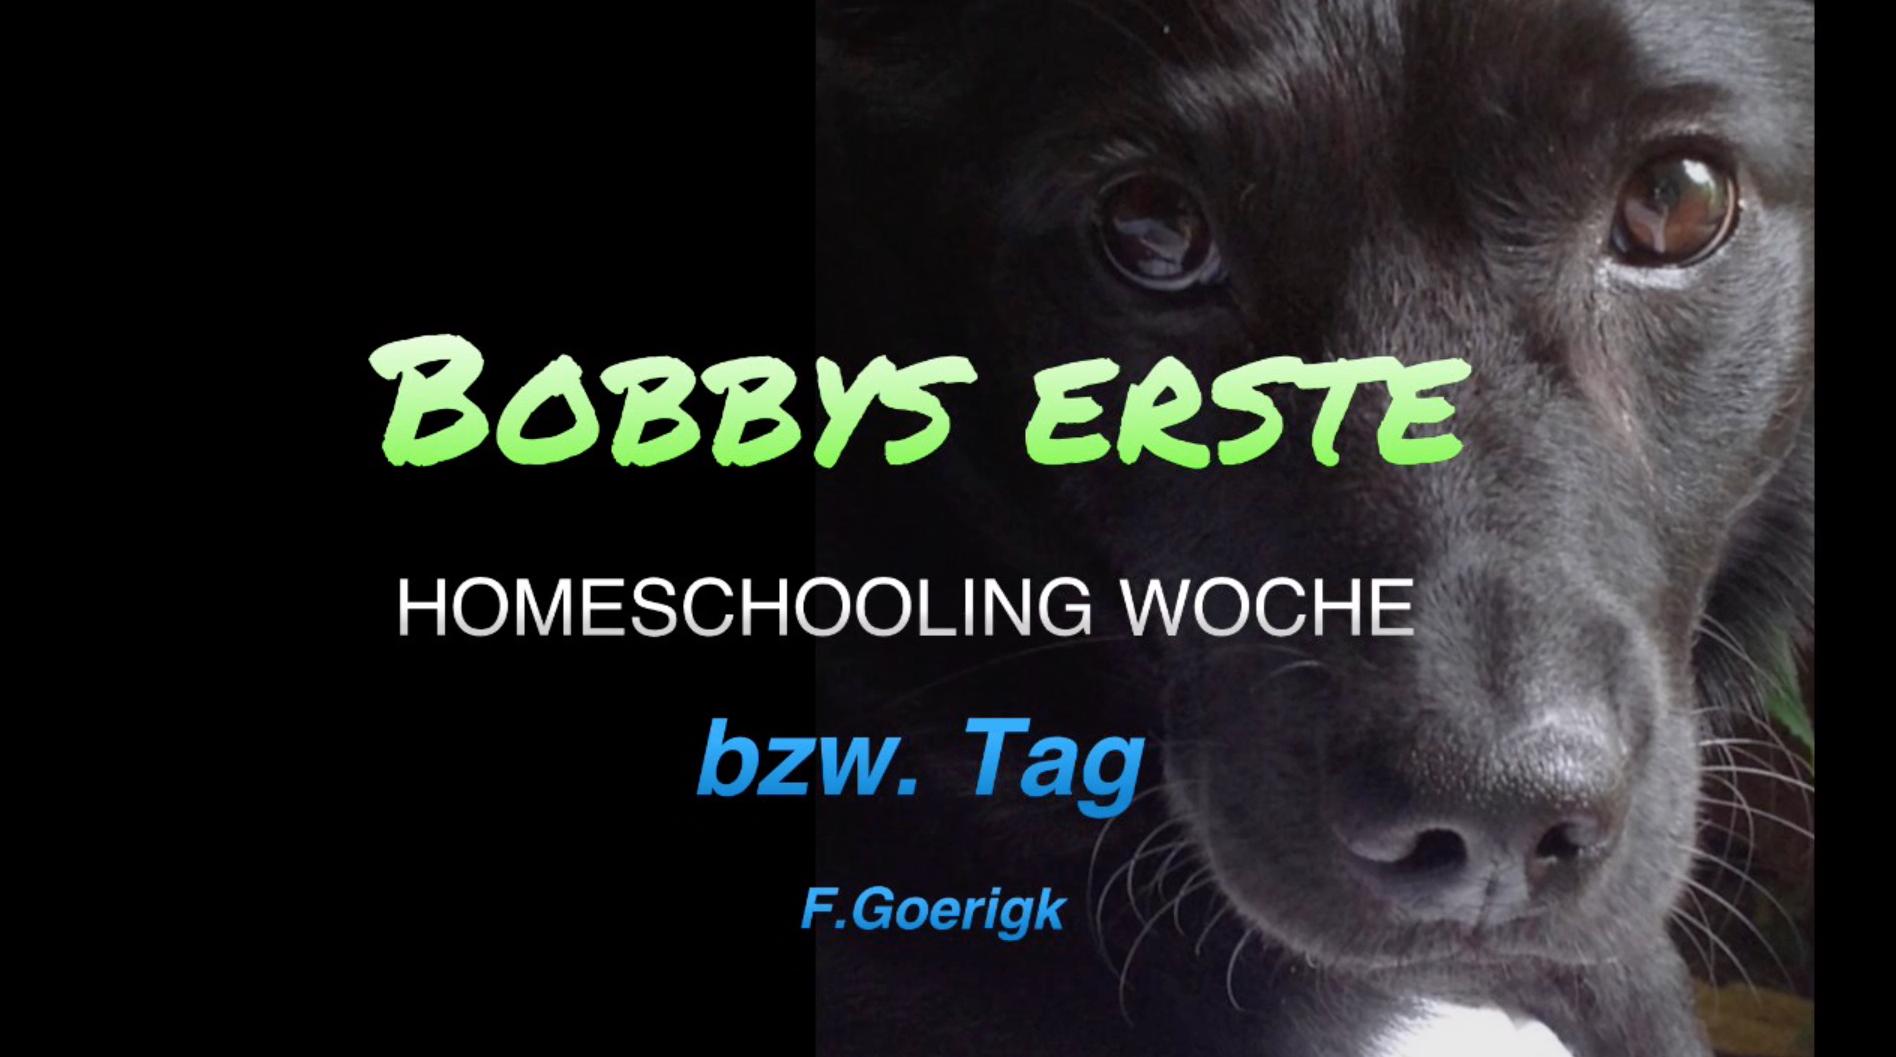 Bobby berichtet vom Homeschooling!